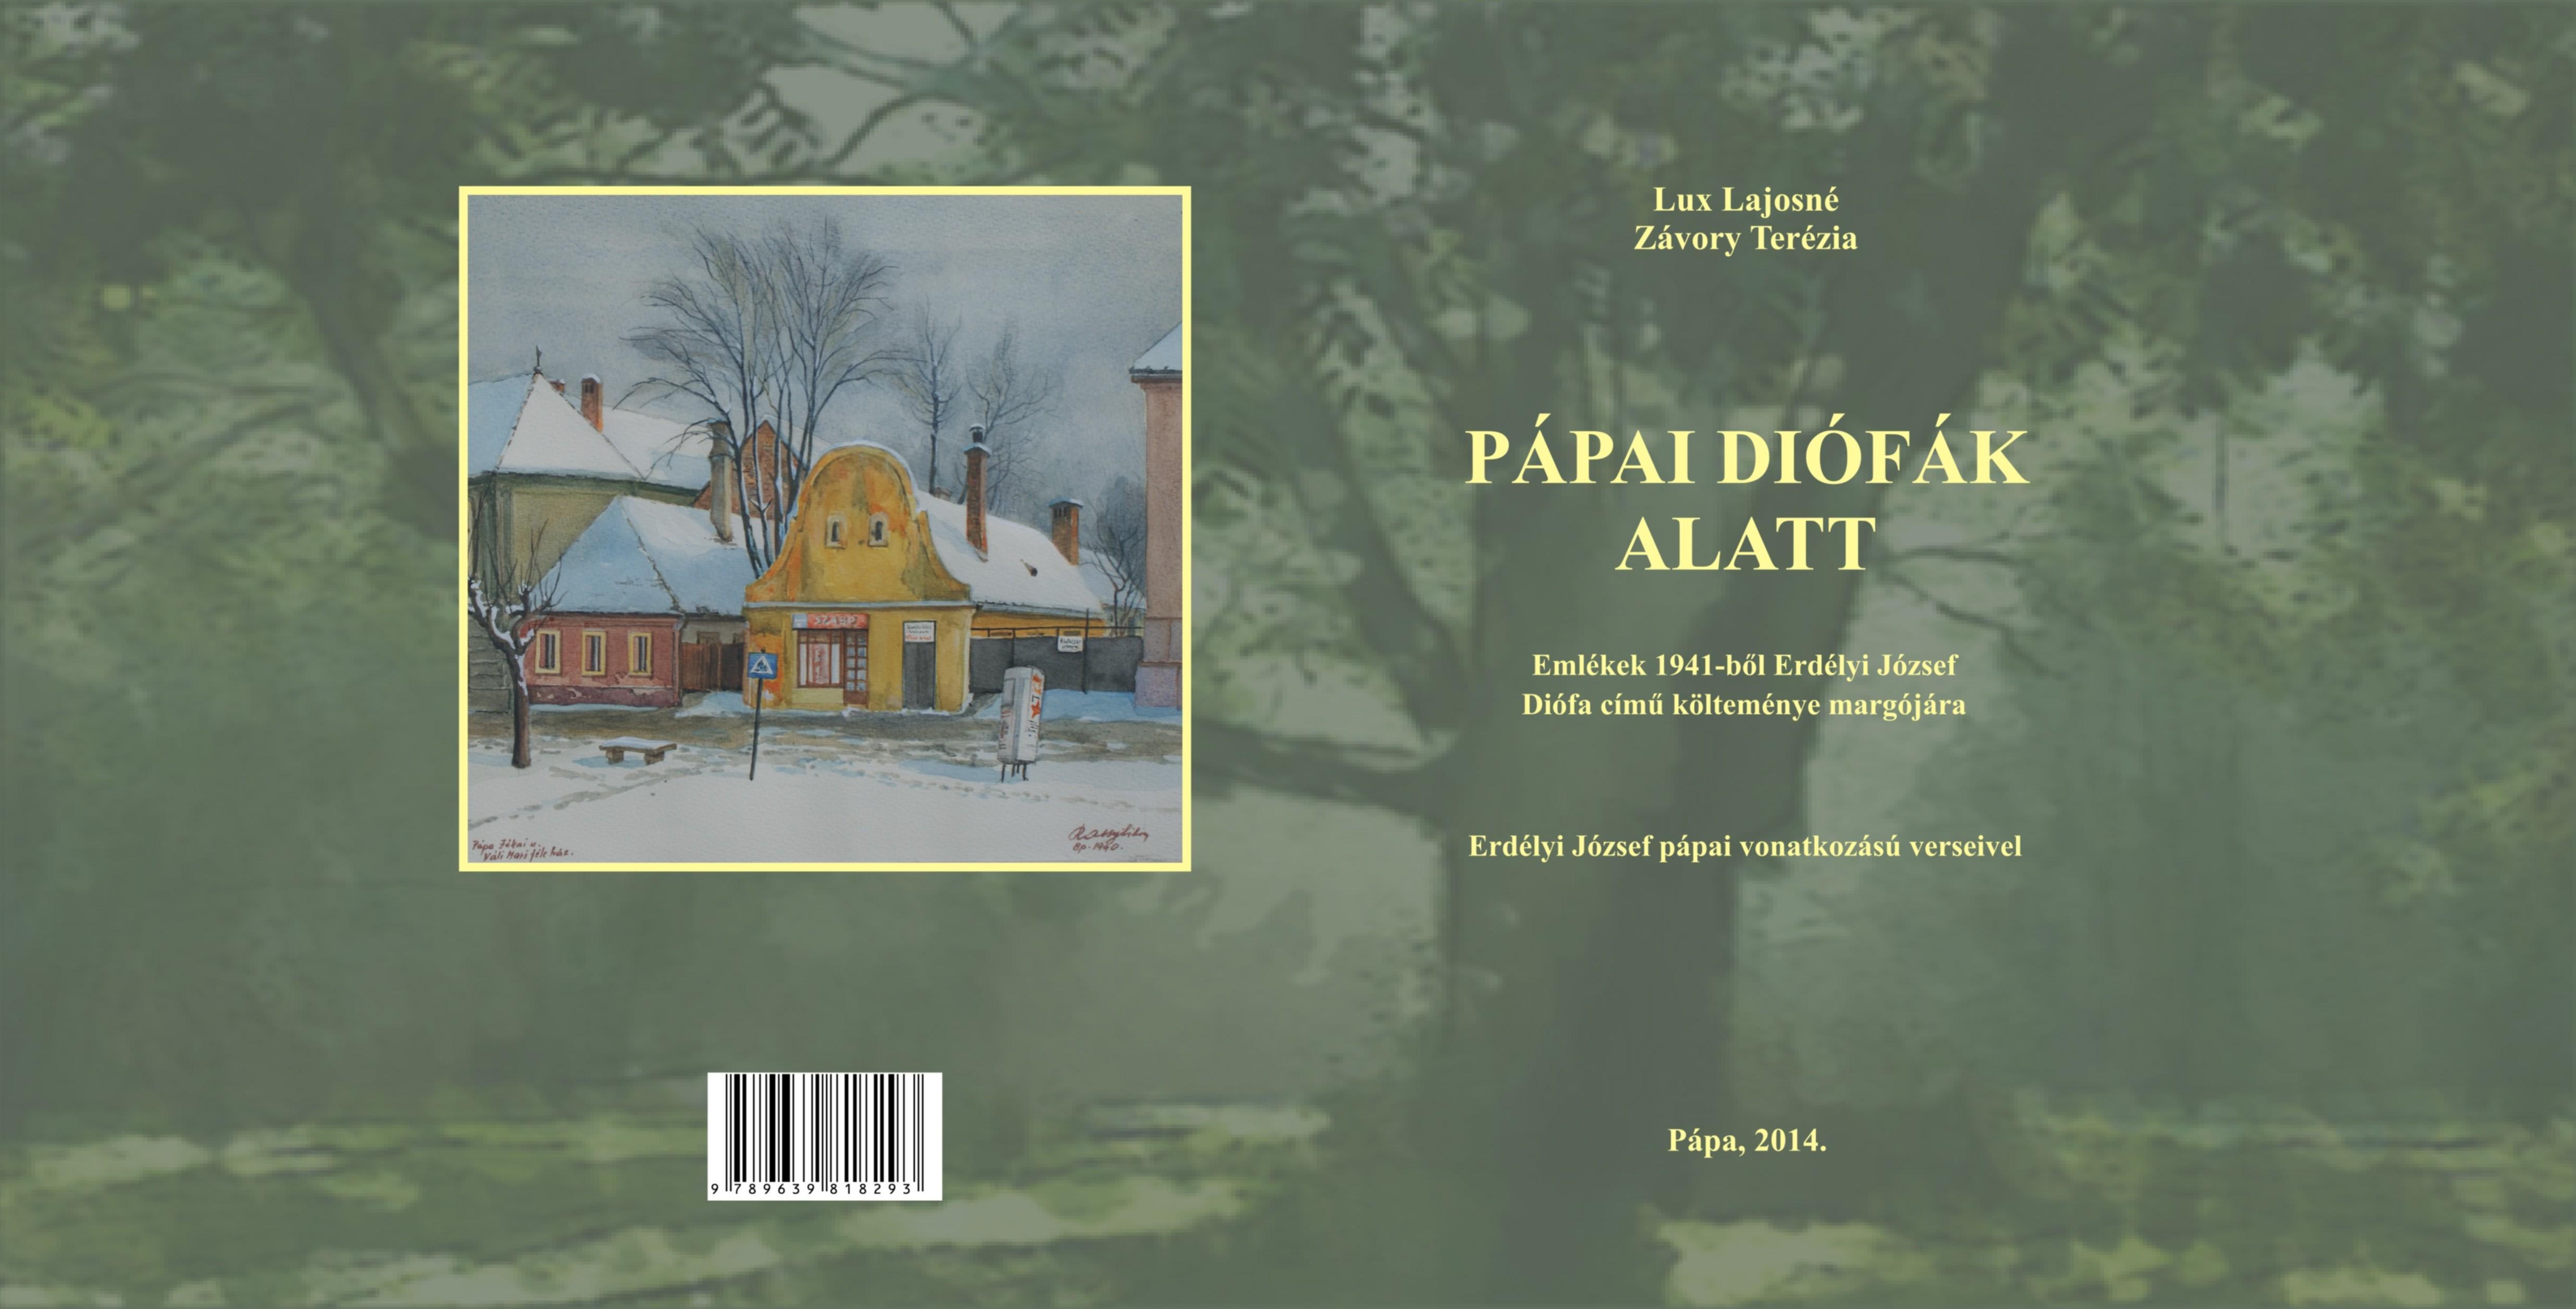 PÁPAI DIÓFÁK ALATT - EMLÉKEK 1941-BŐL ERDÉLYI JÓZSEF DIÓFA CÍMŰ KÖLTEMÉNYE MARGÓ